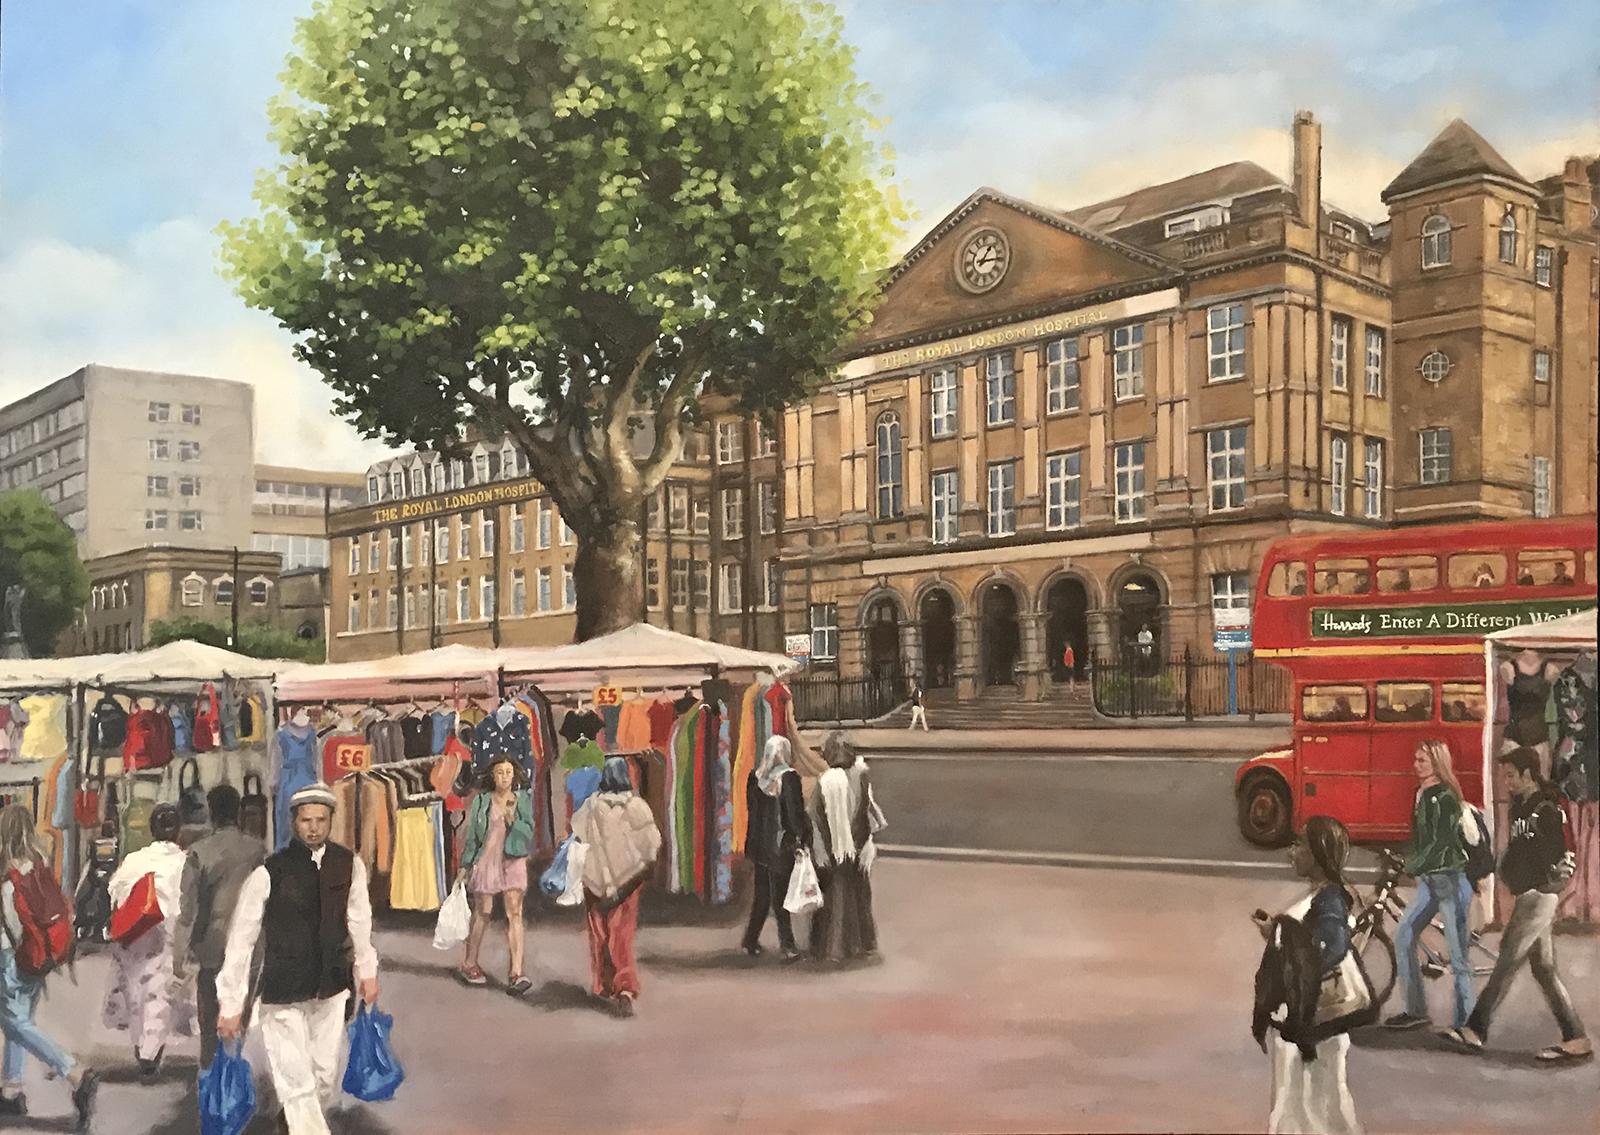 Whitechapel Commission